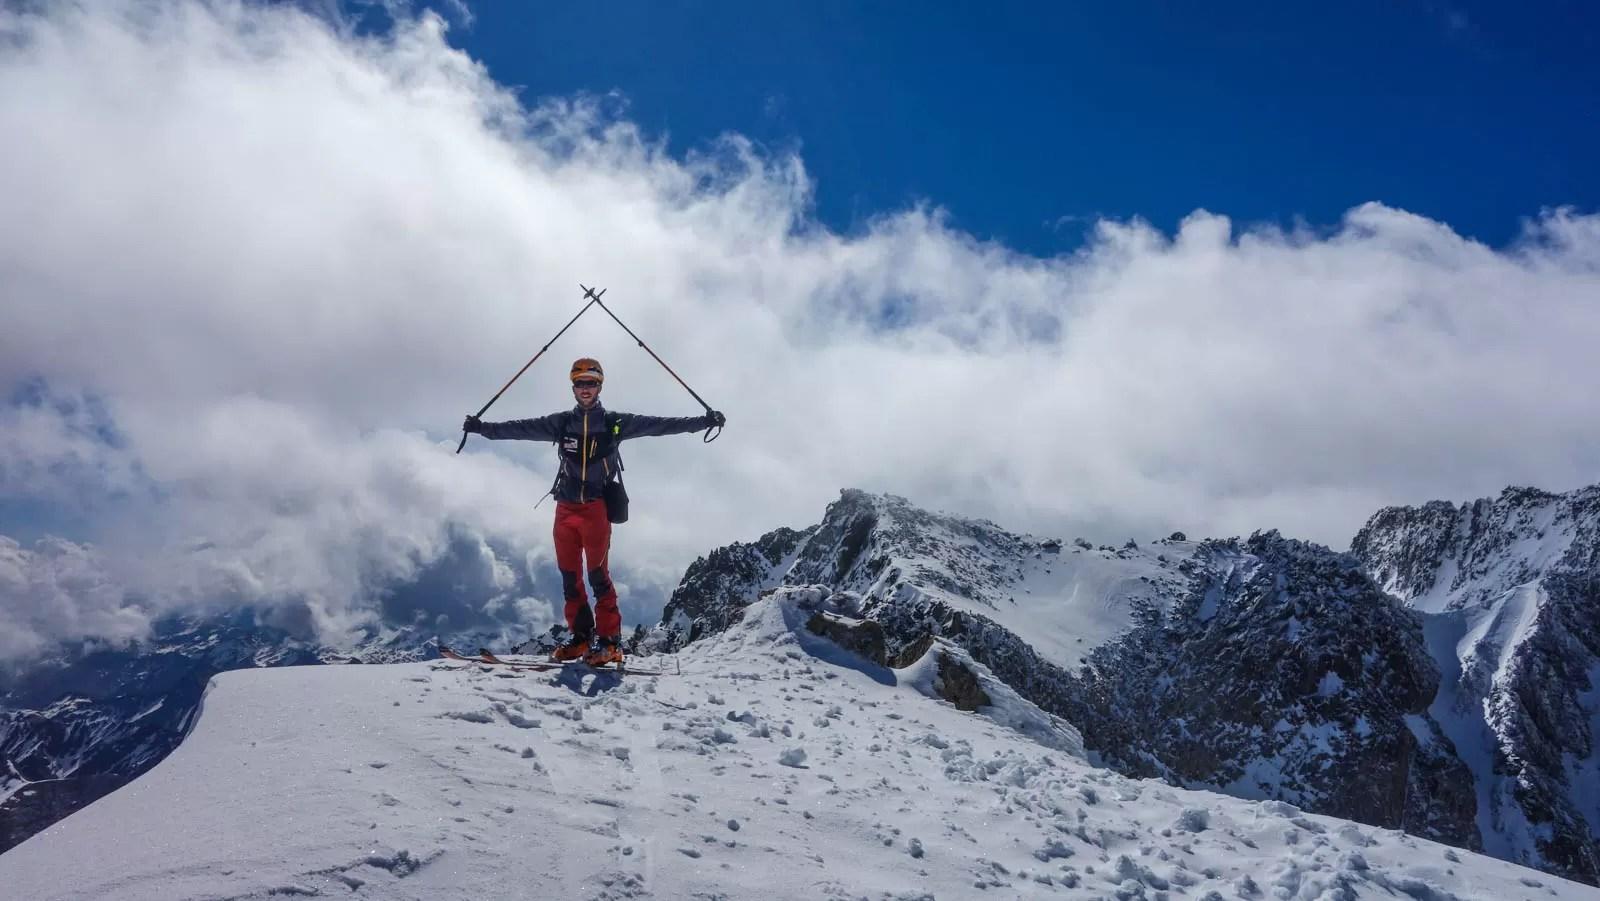 Aneto con esquí de montaña. Casteret guías de montaña